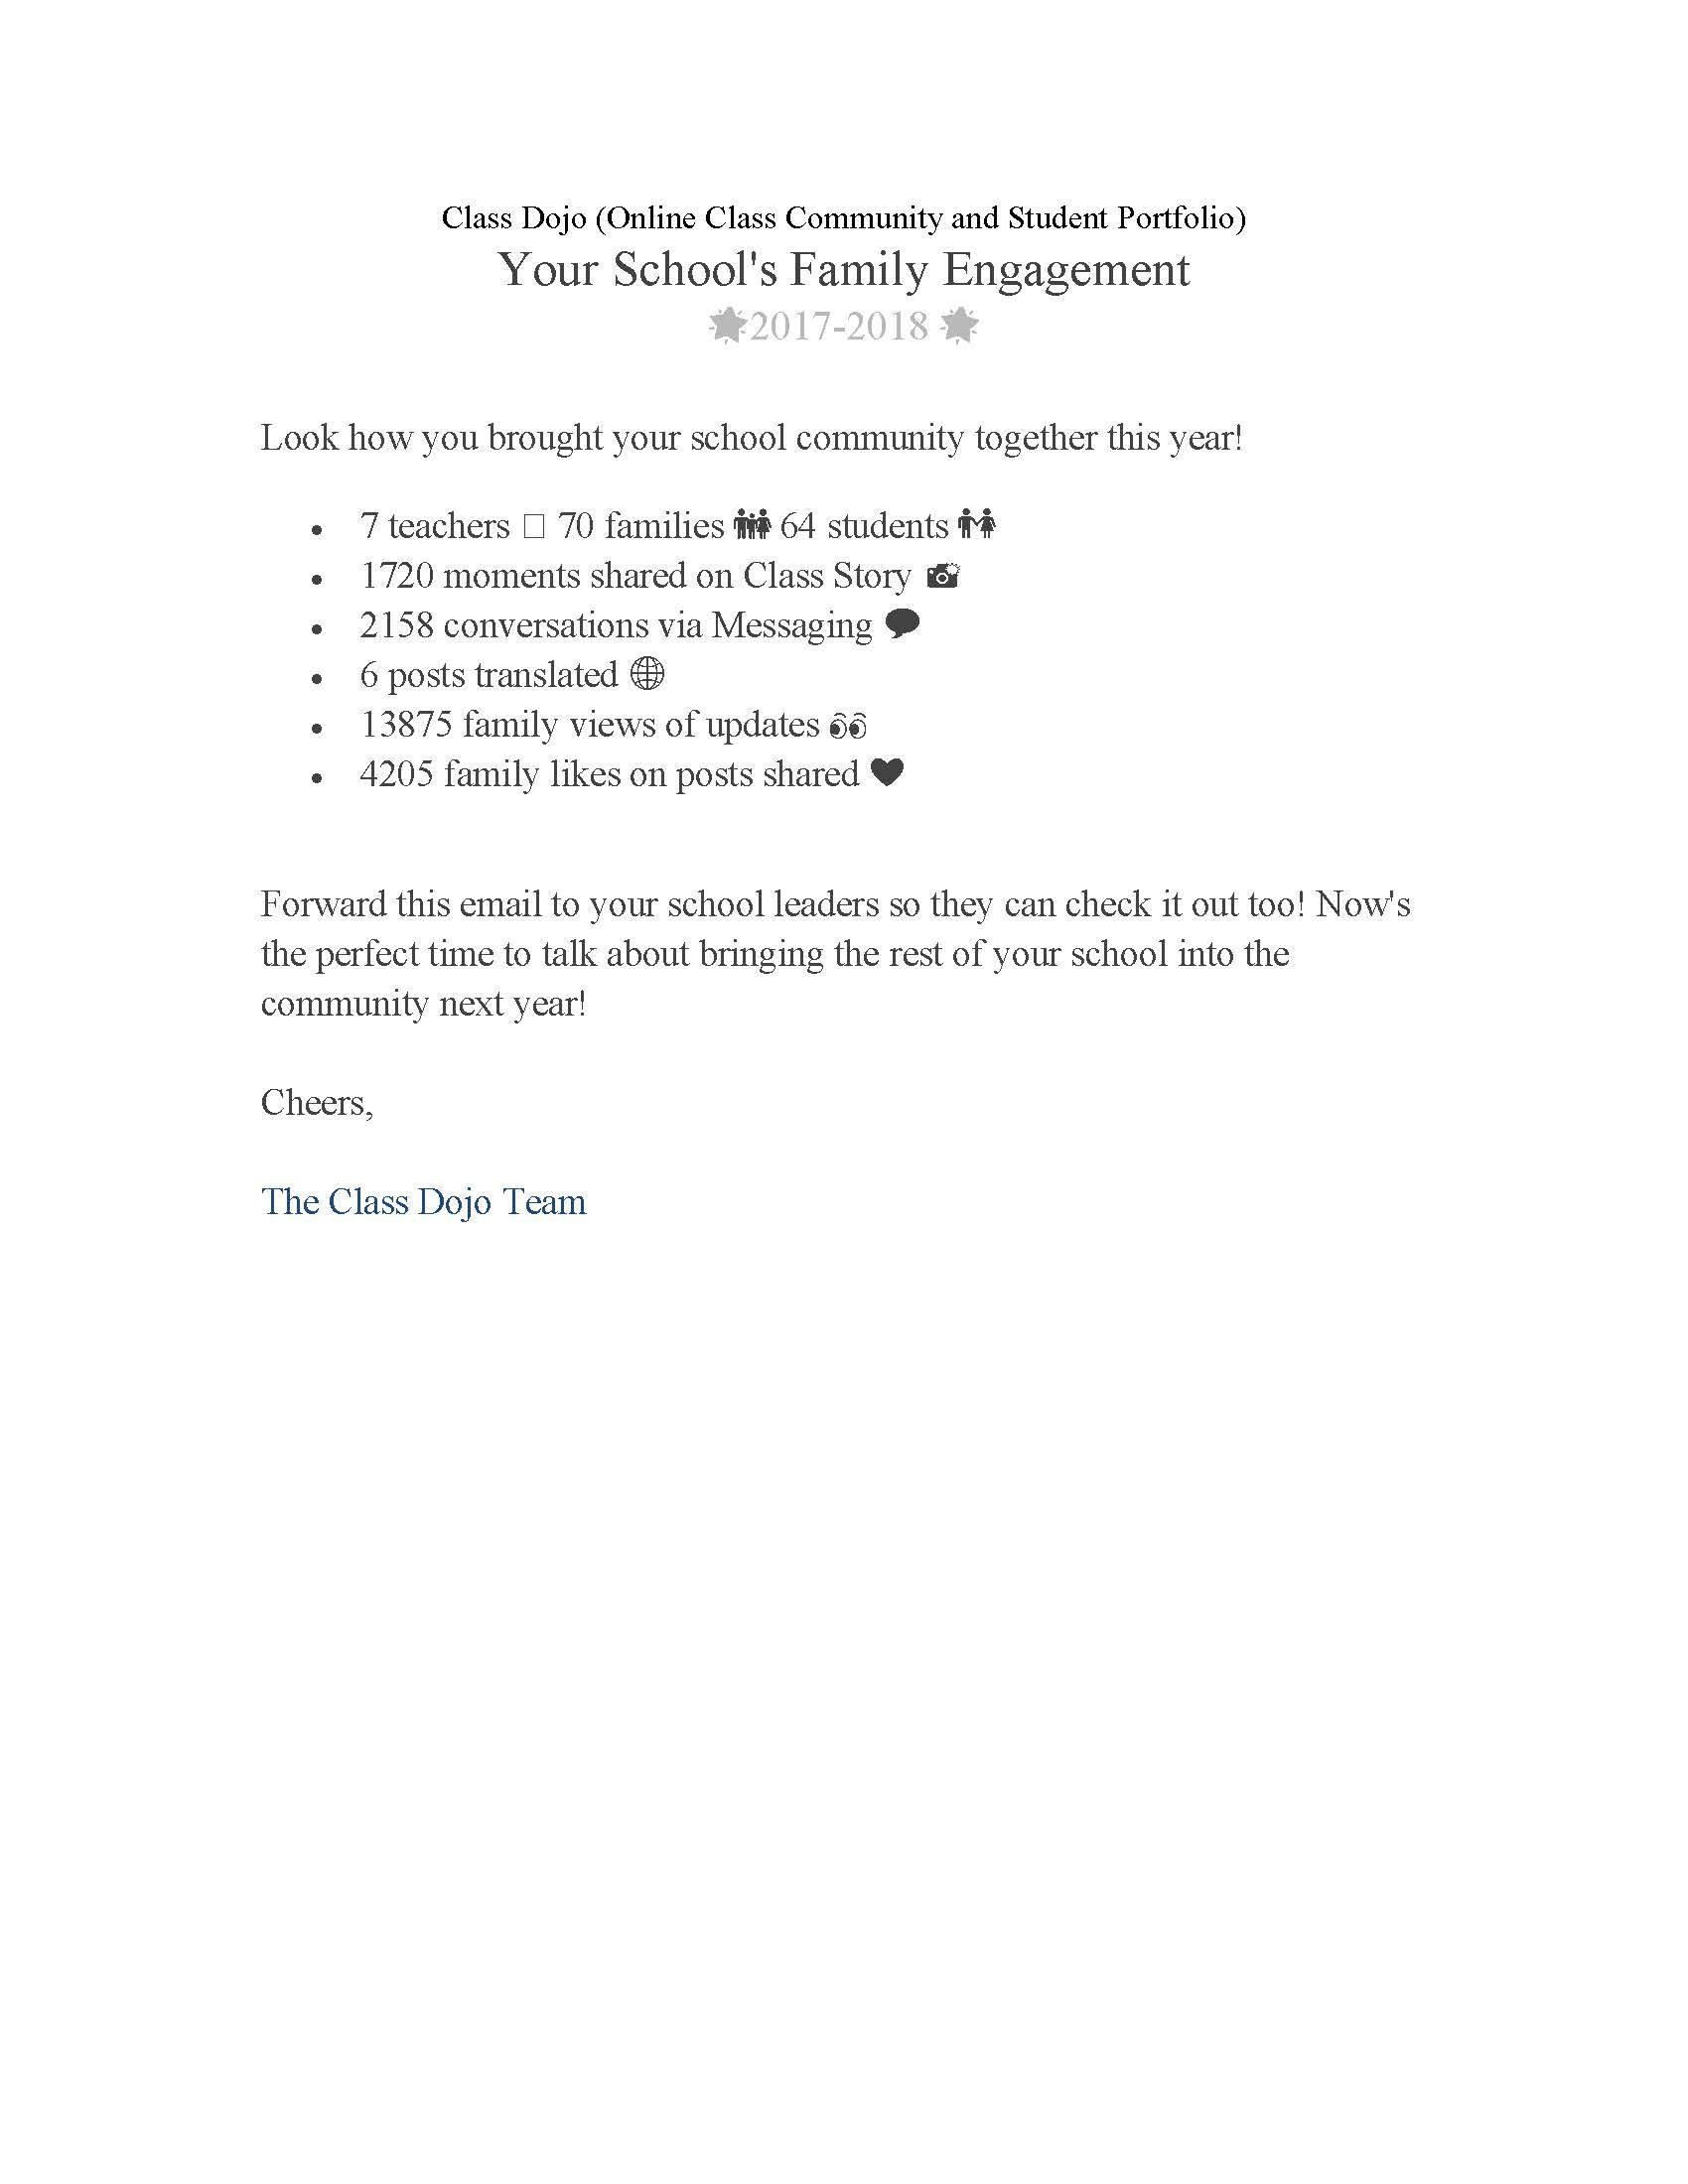 Class Dojo Evidence of Community Engagement.jpg